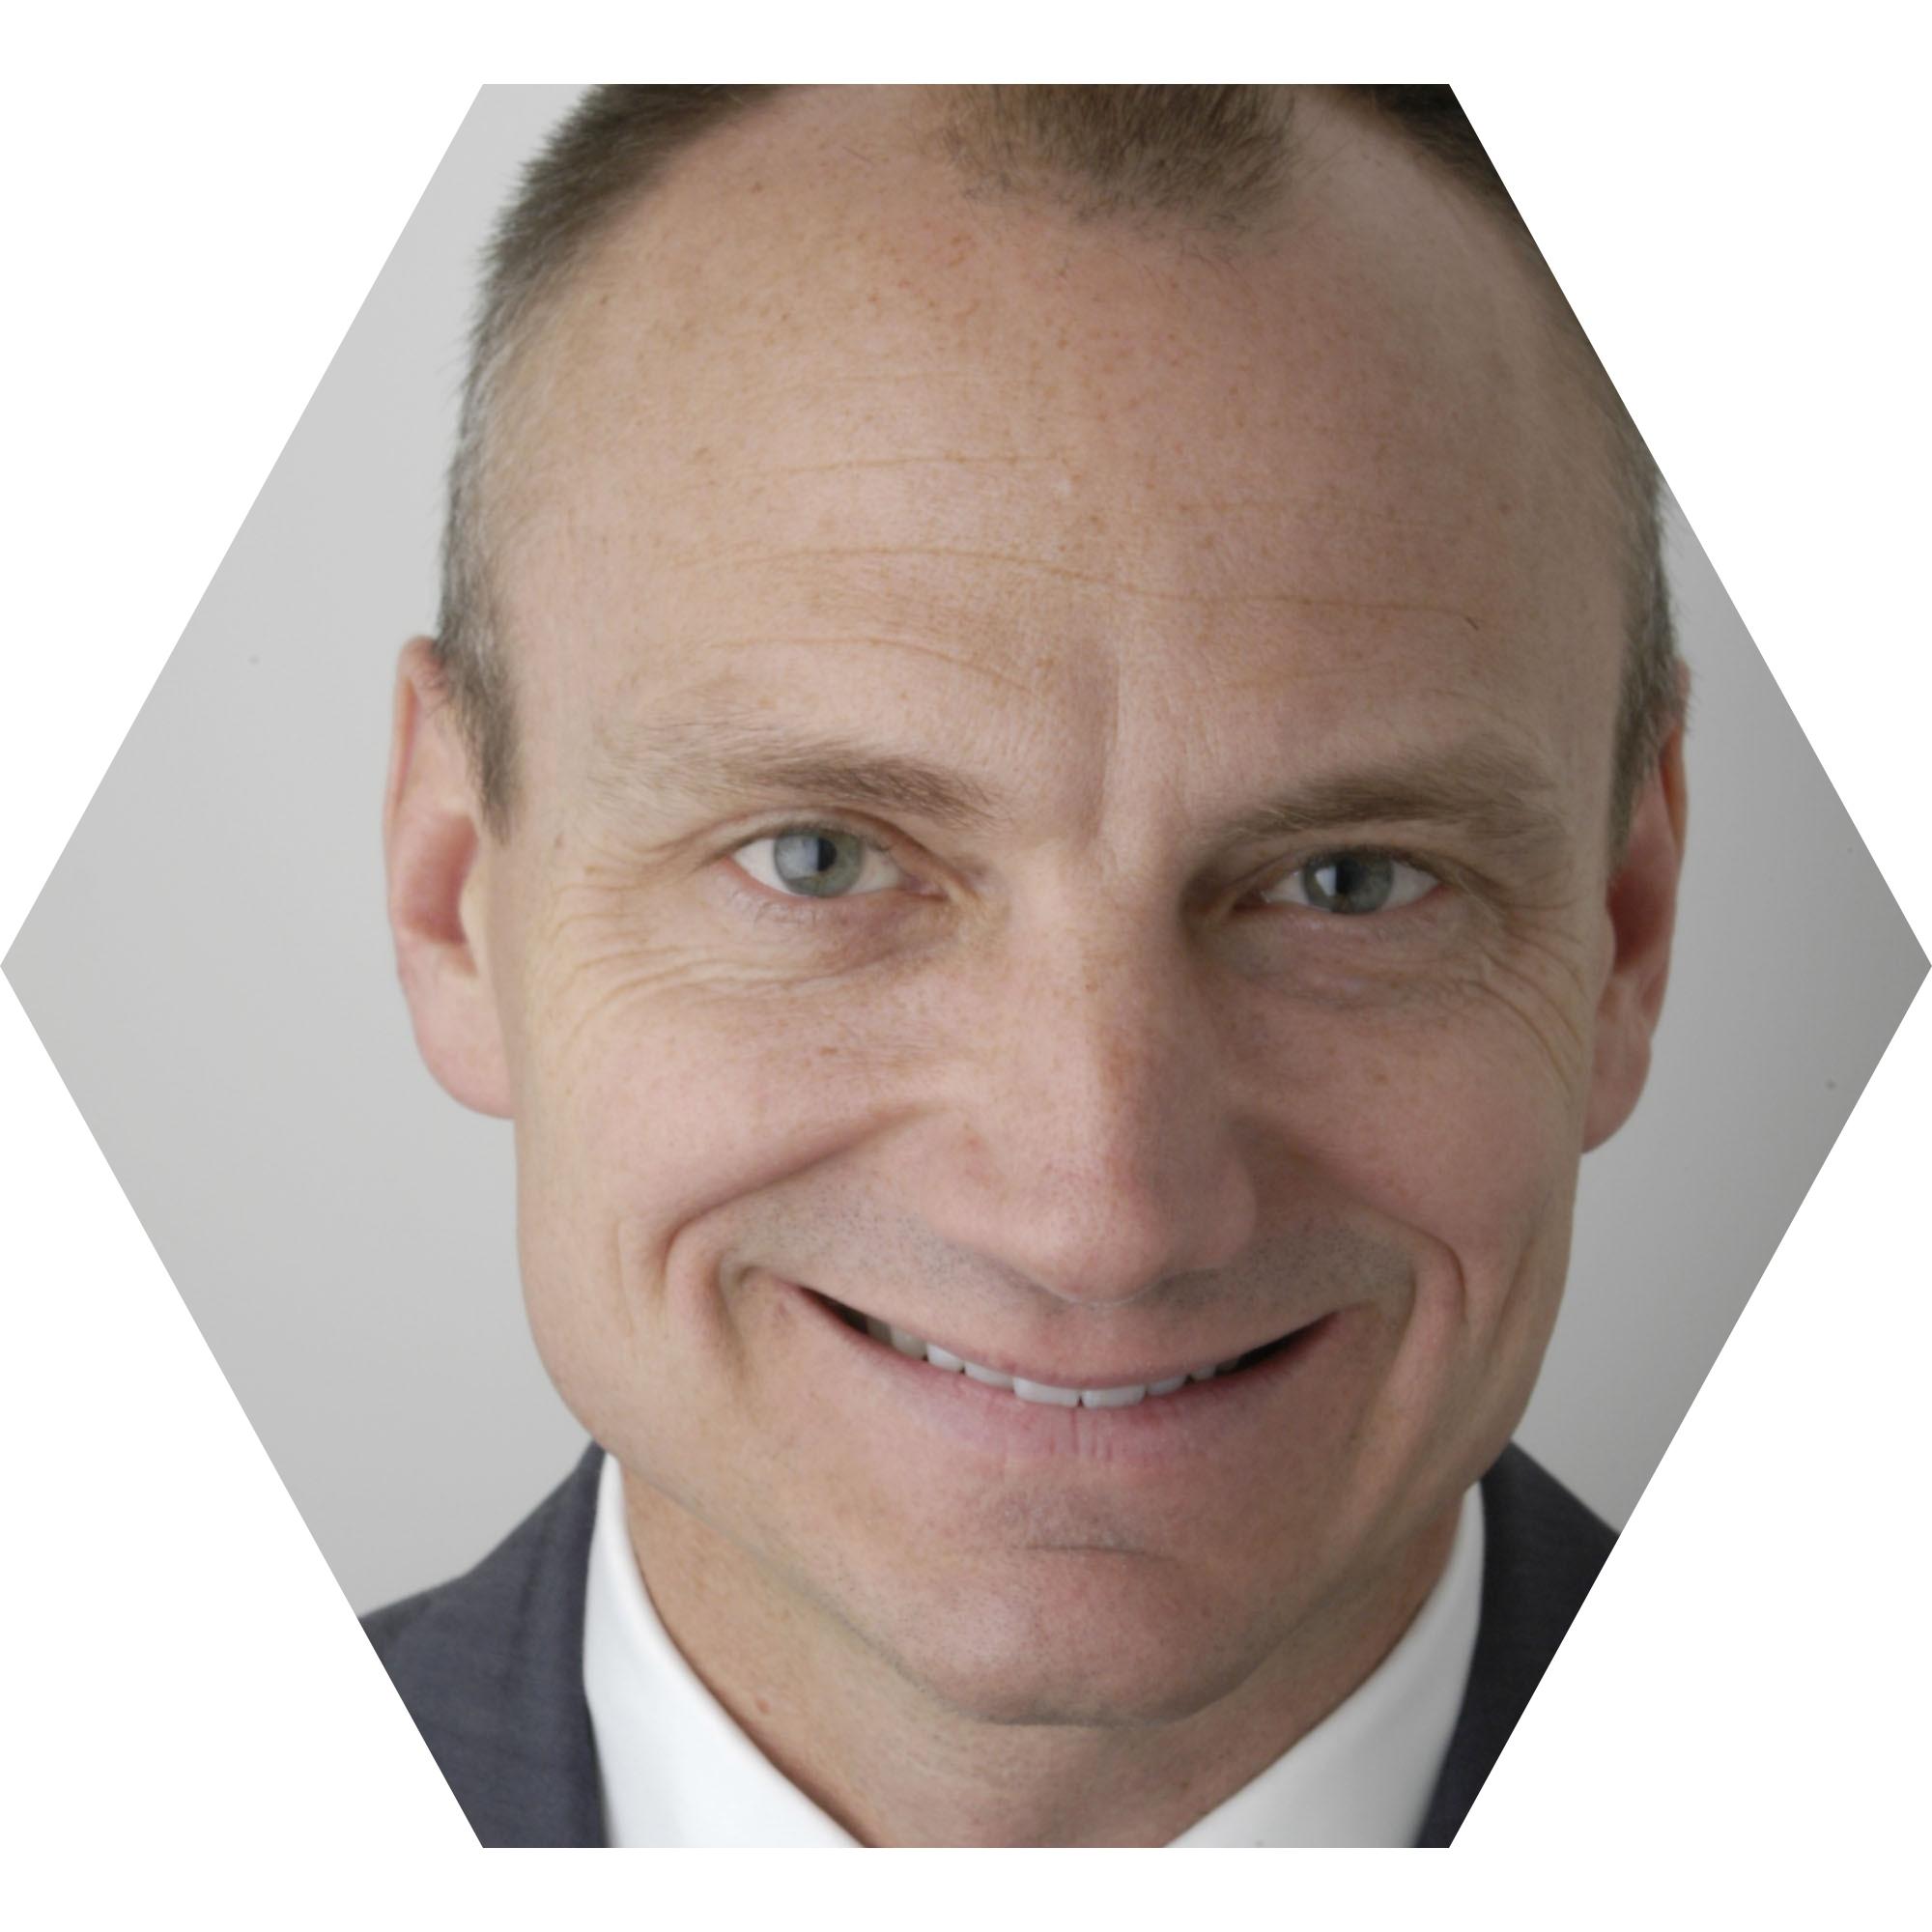 Toby Usnik